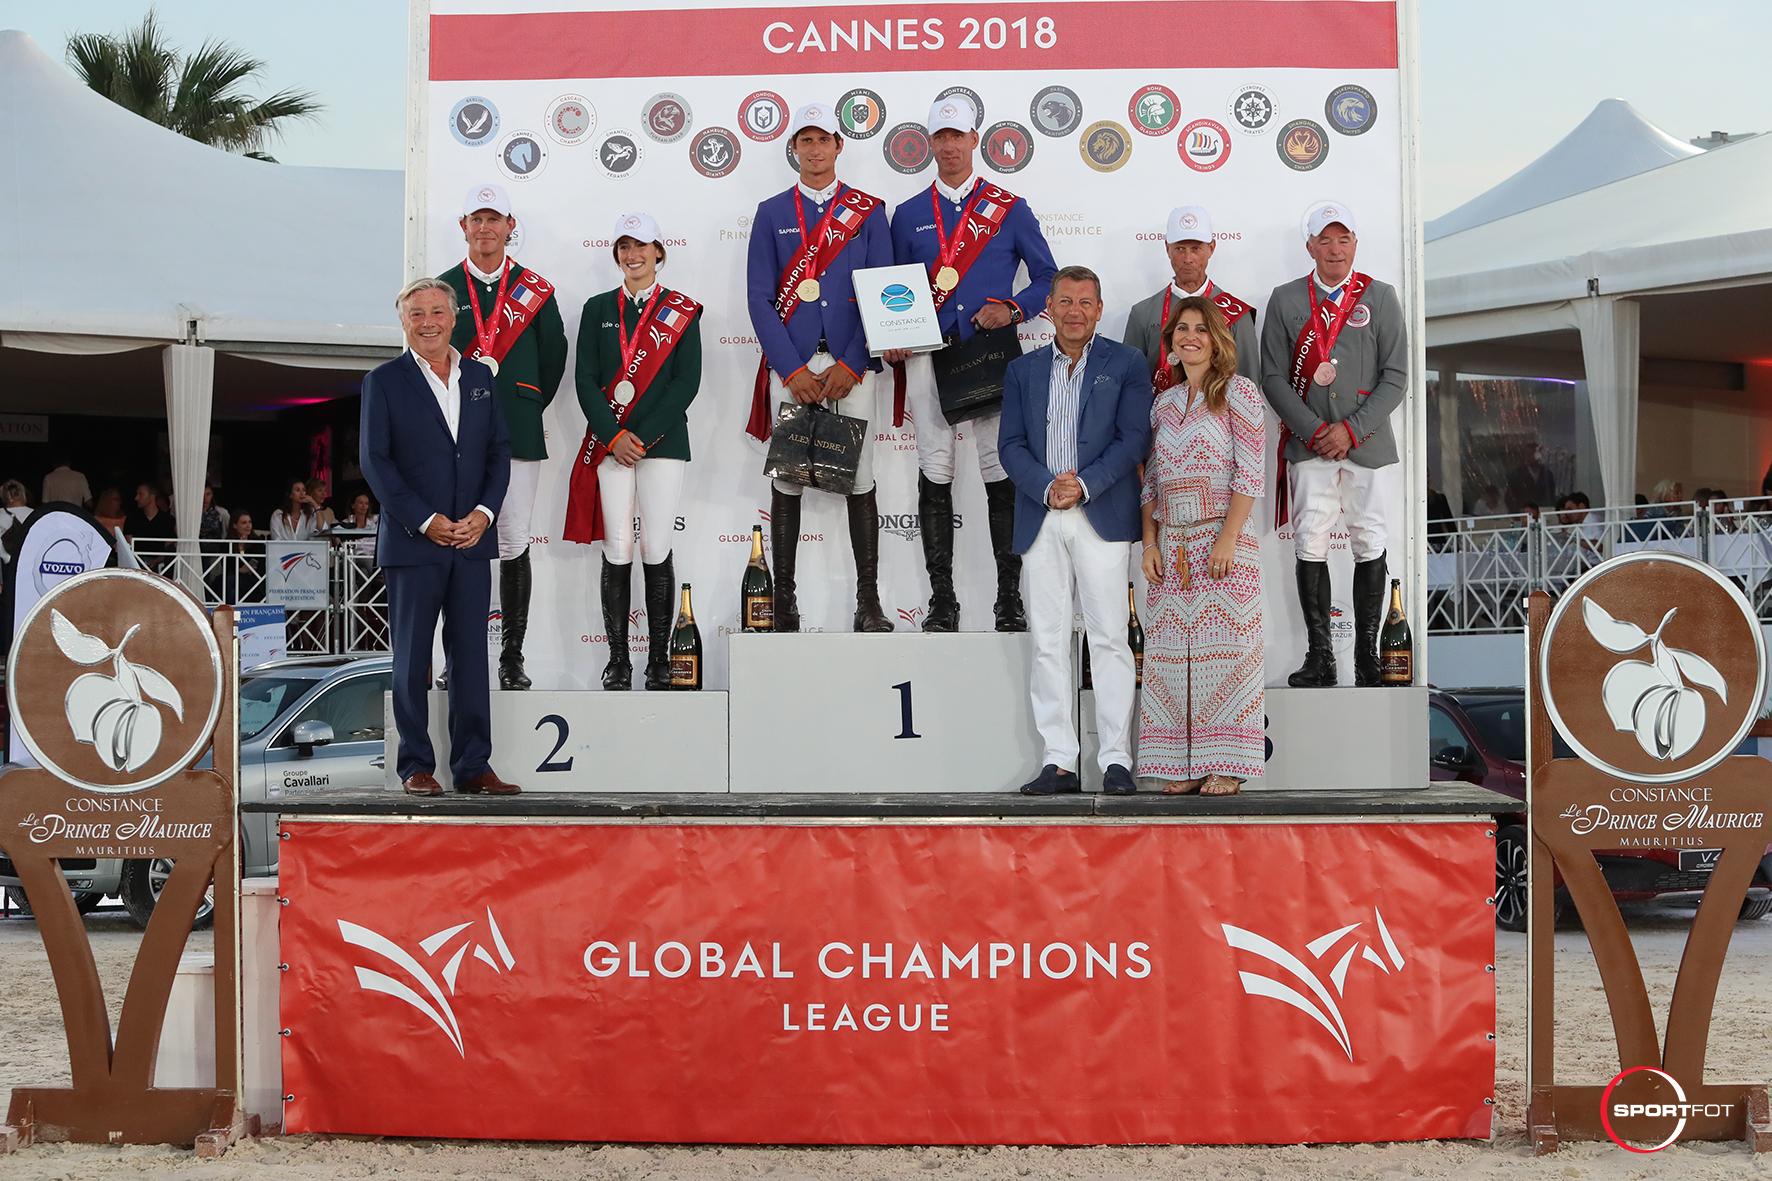 LGCTCannes2018_CSI5_Remise_des_Prix (4)